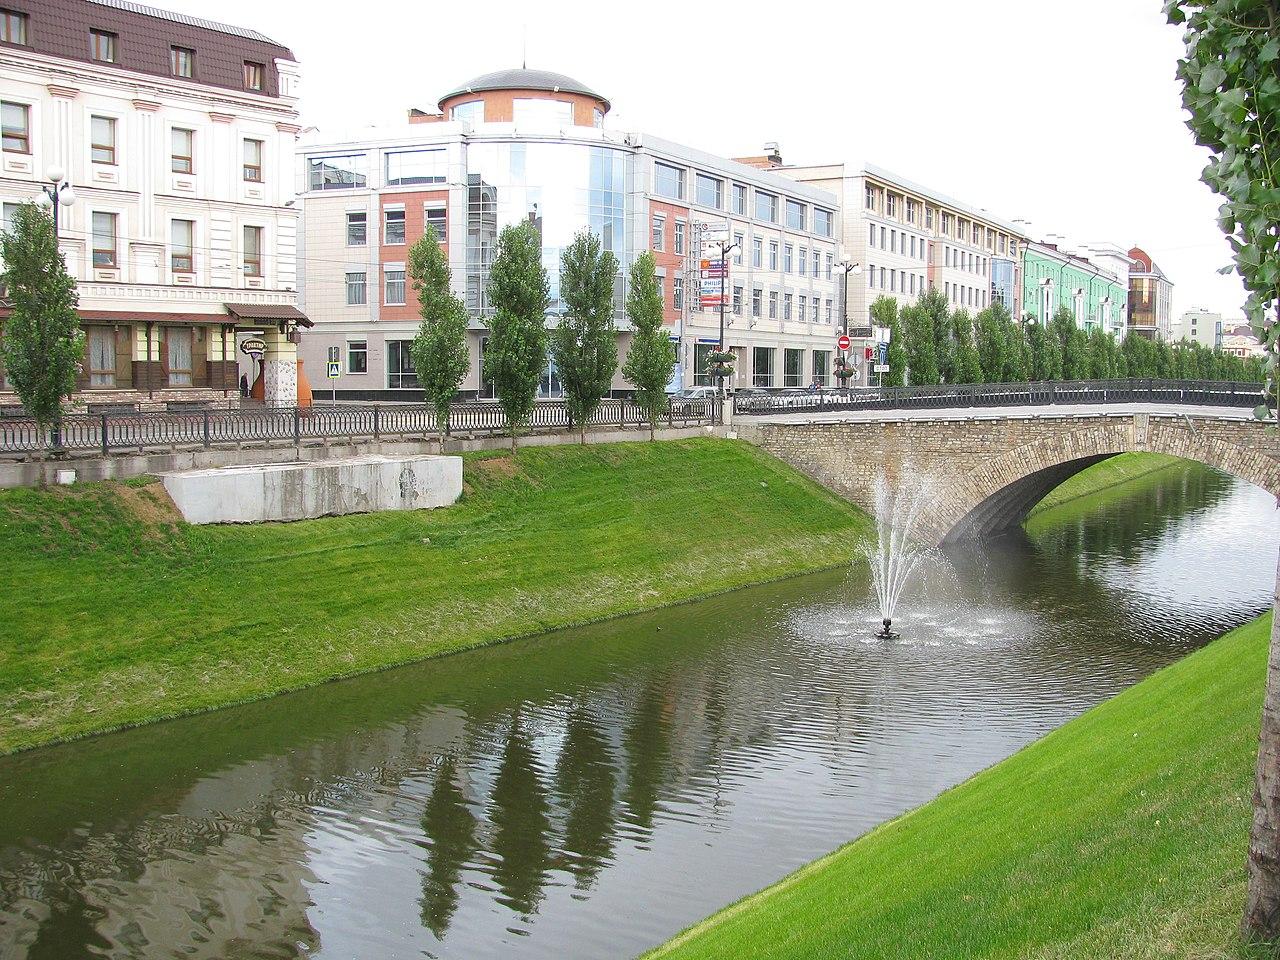 Лебедевский мост. Казань #0118. | 960x1280